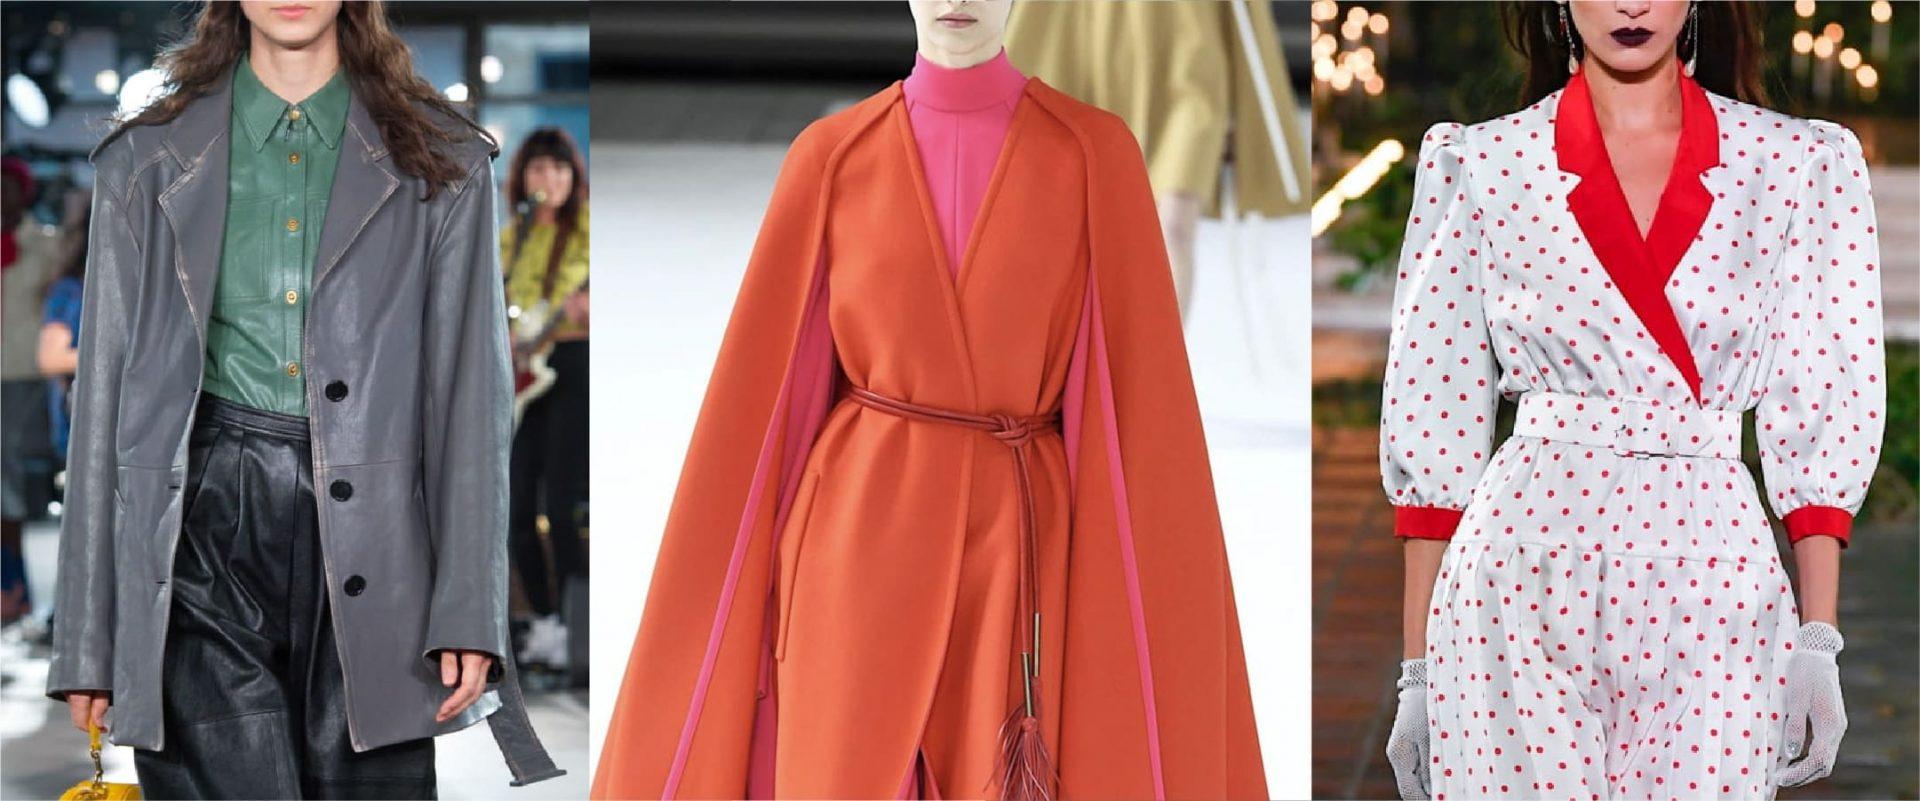 New York Fashion Week AW 2020: Estas son las tendencias que se llevarán el próximo otoño-invierno